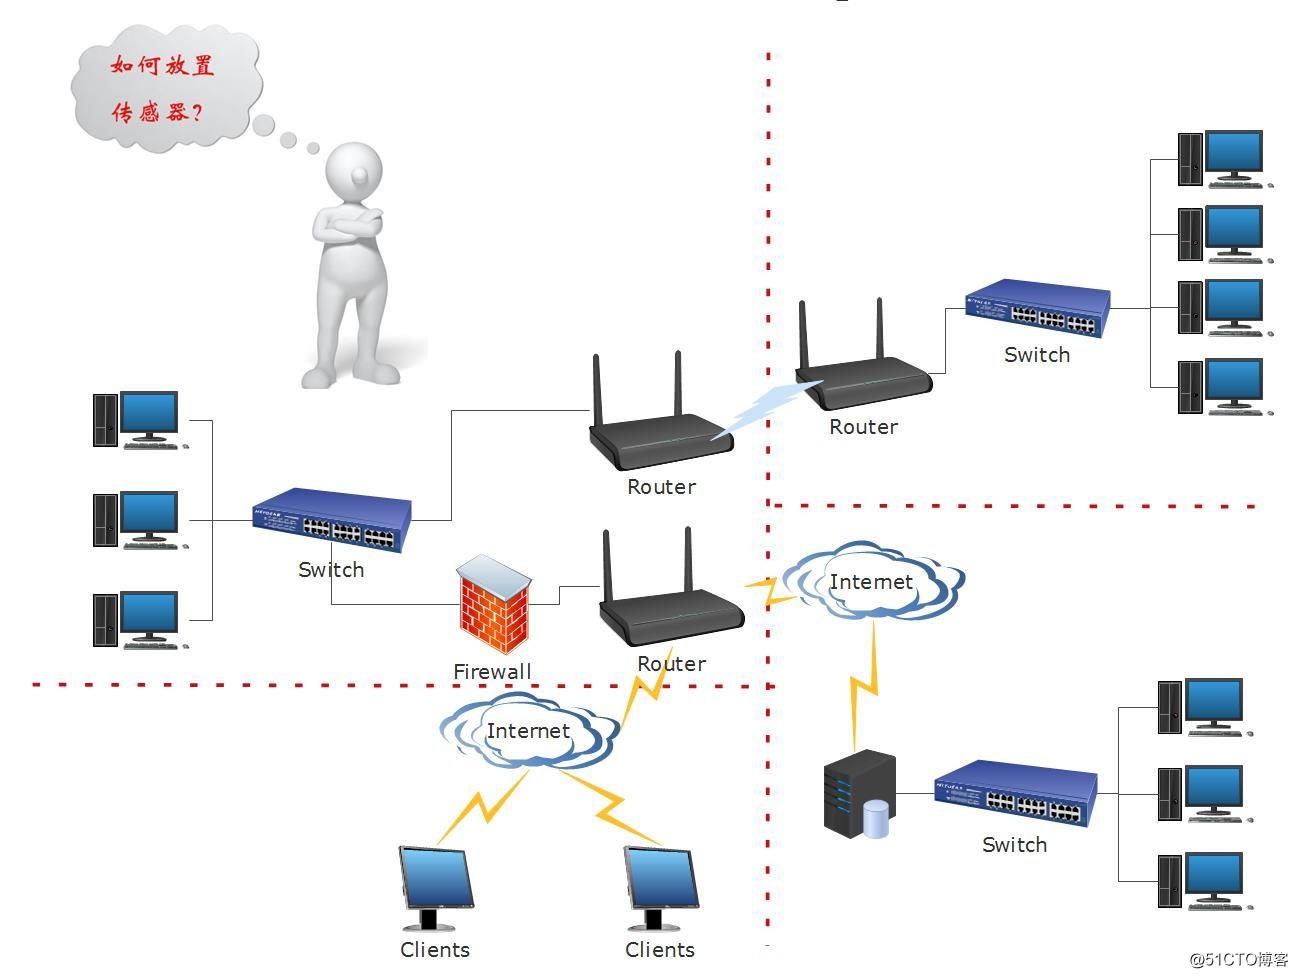 复杂网络环境中的OSSIM应用